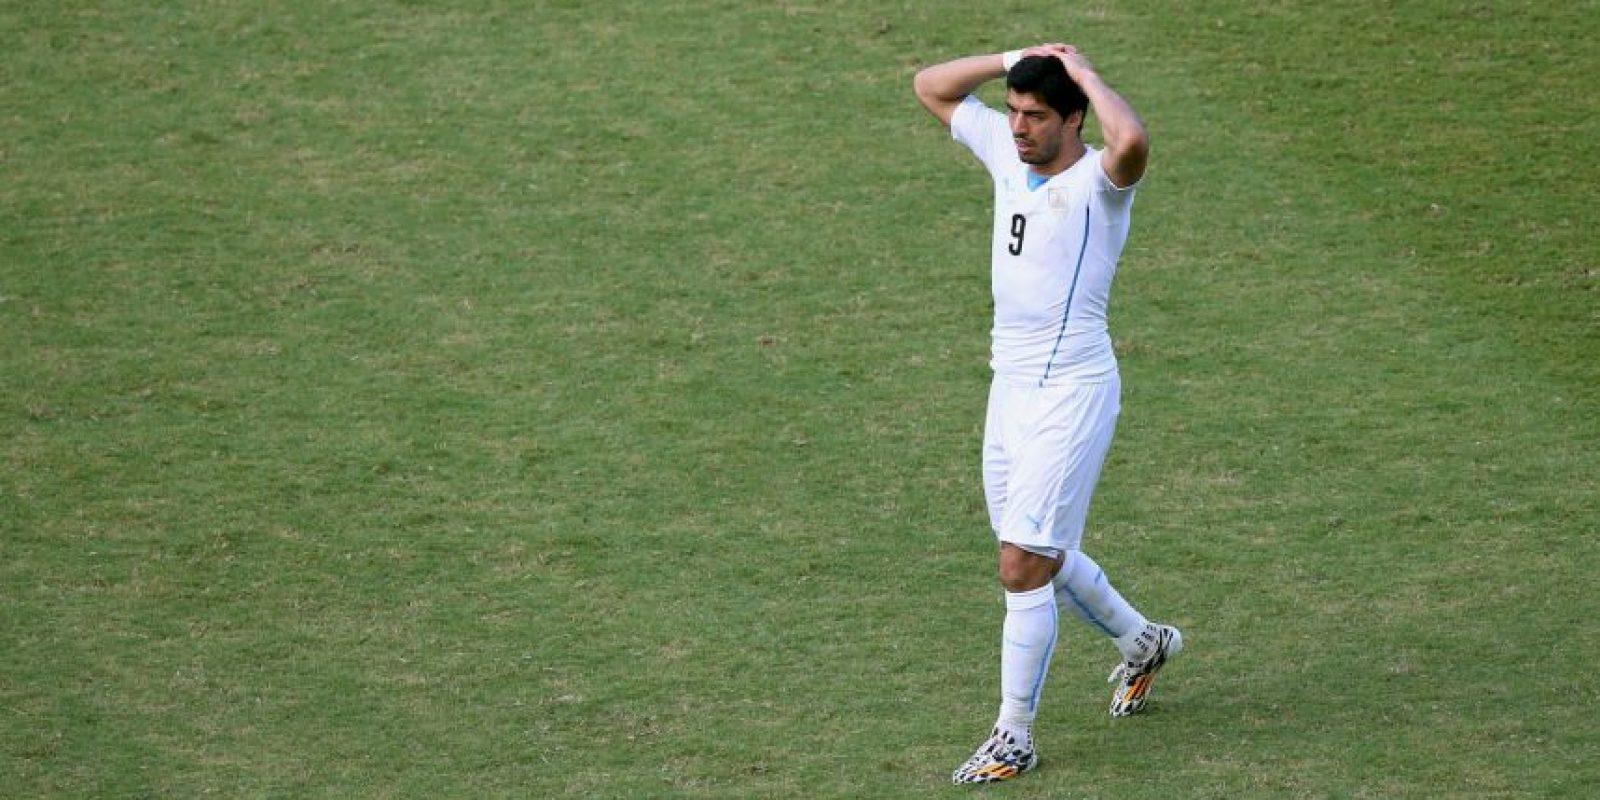 Luis Suárez. El delantero uruguayo no puede jugar con la selección como castigo por la mordida que le propinó al italiano Giorgio Chiellini, en el Mundial de Brasil 2014 Foto:Getty Images